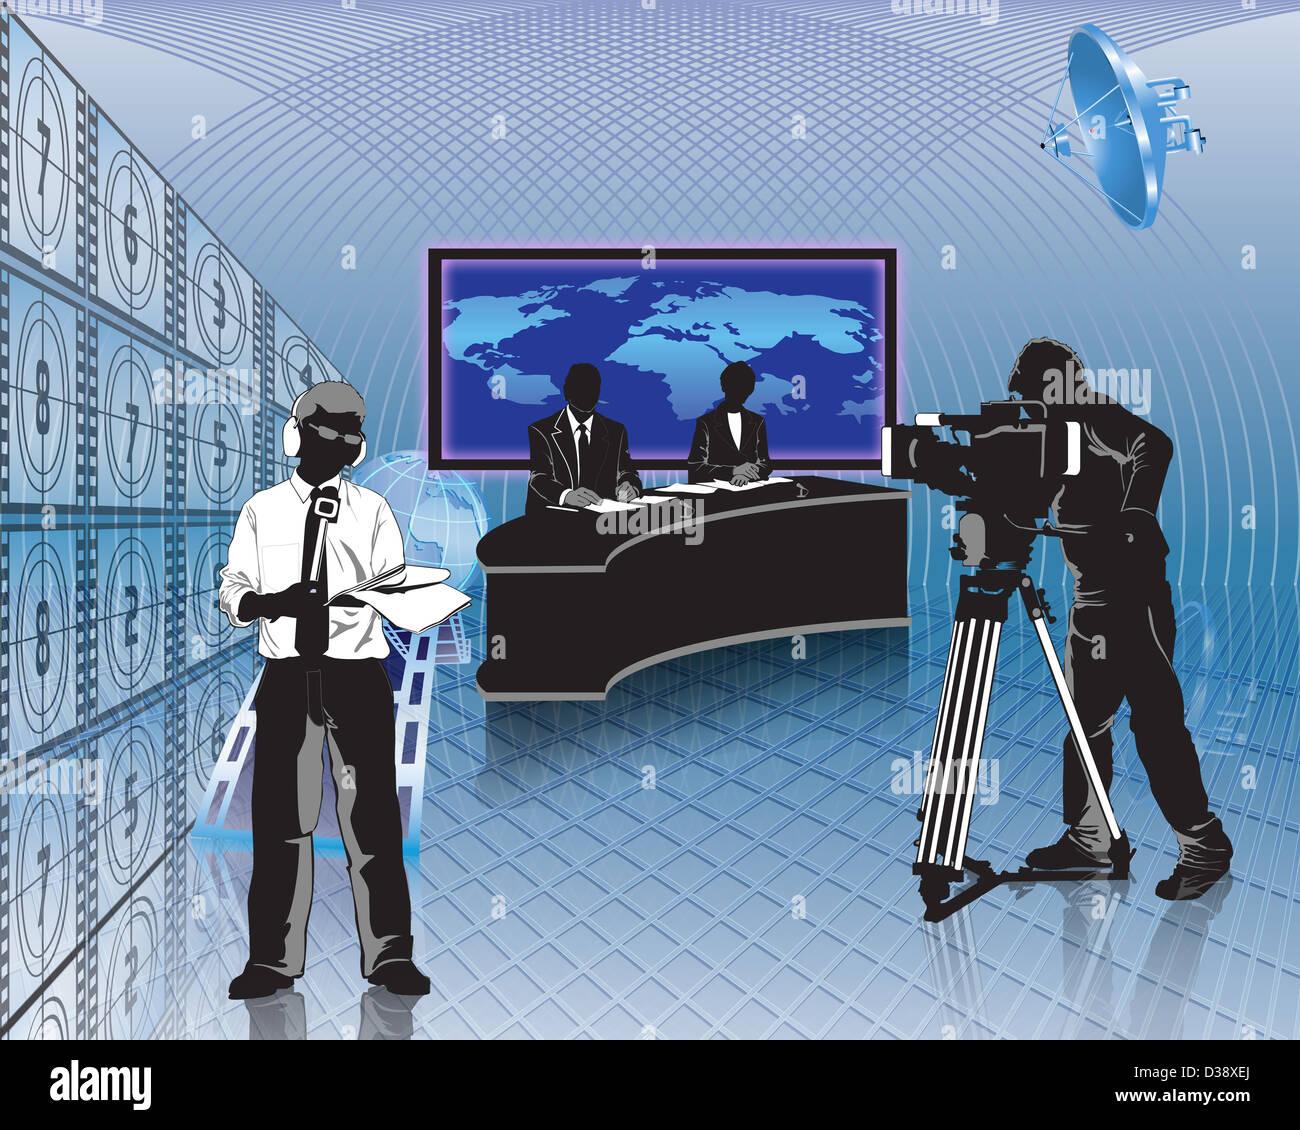 Televisione news presentatori con un cameraman in uno studio televisivo Foto Stock